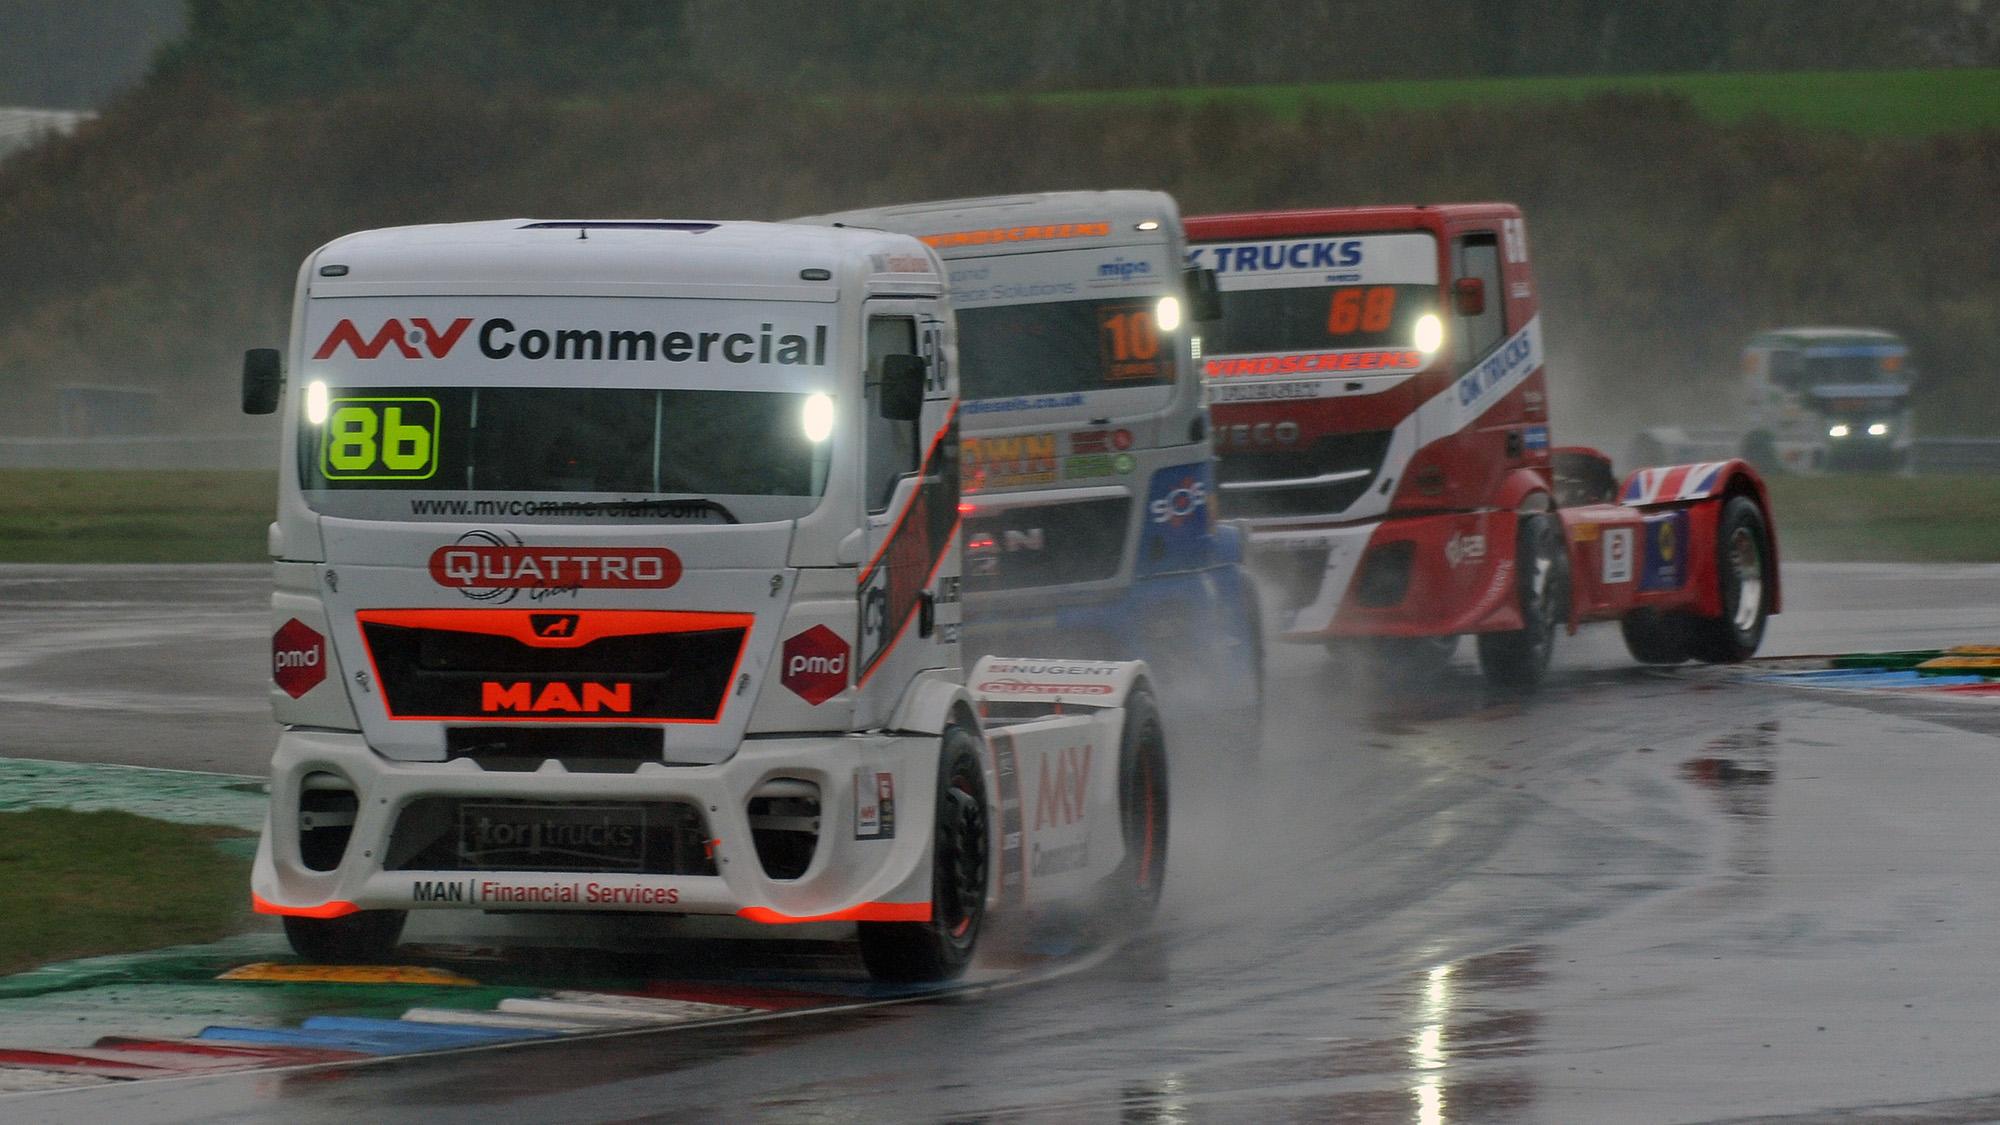 2020 truck racing at Thruxton